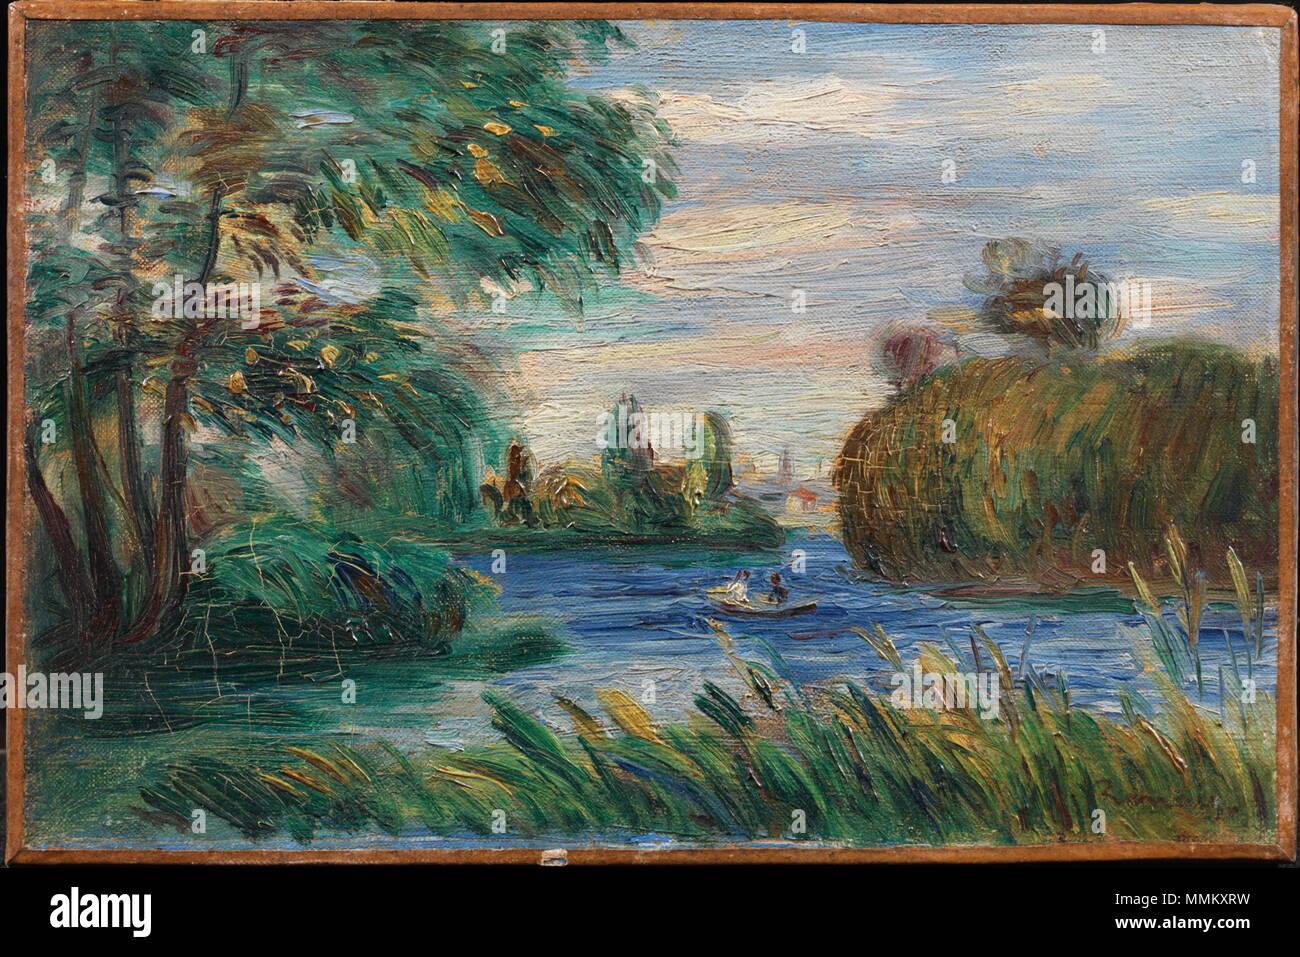 Englisch: Pierre Auguste Renoir, Französisch, 1841 - 1919 Fluss ...